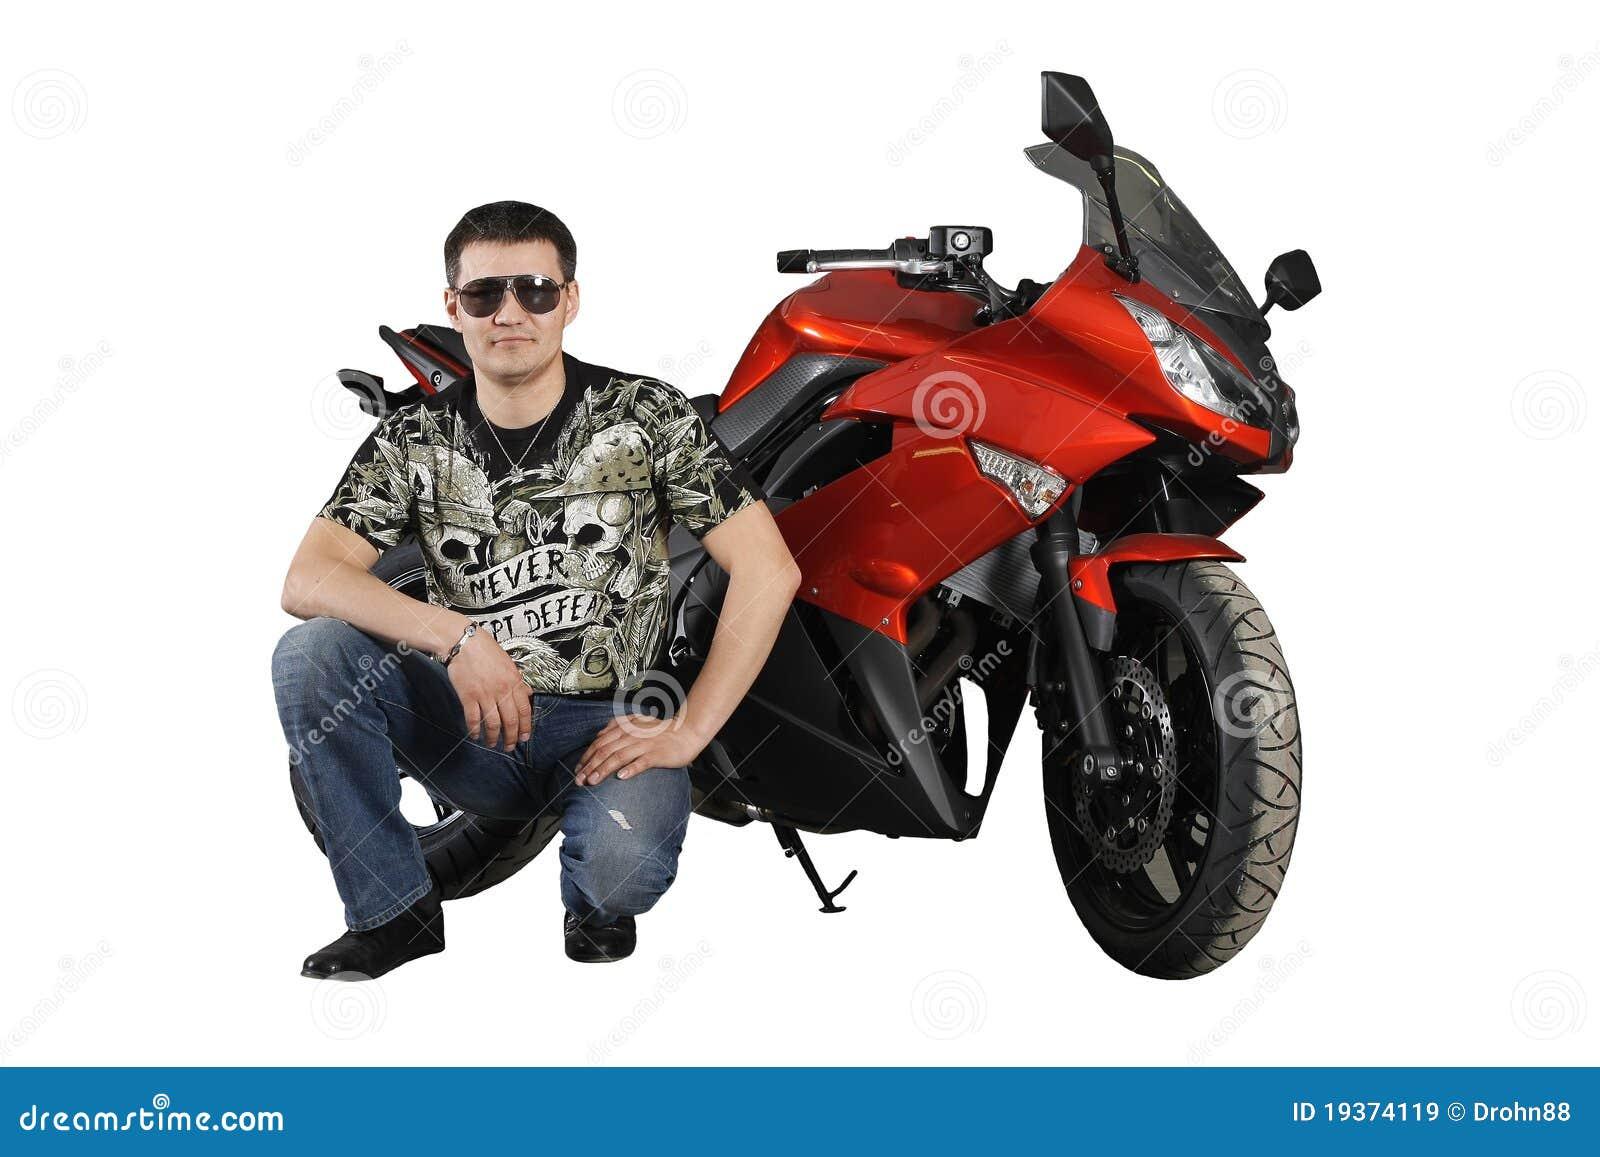 Motociclista com motocicleta vermelha